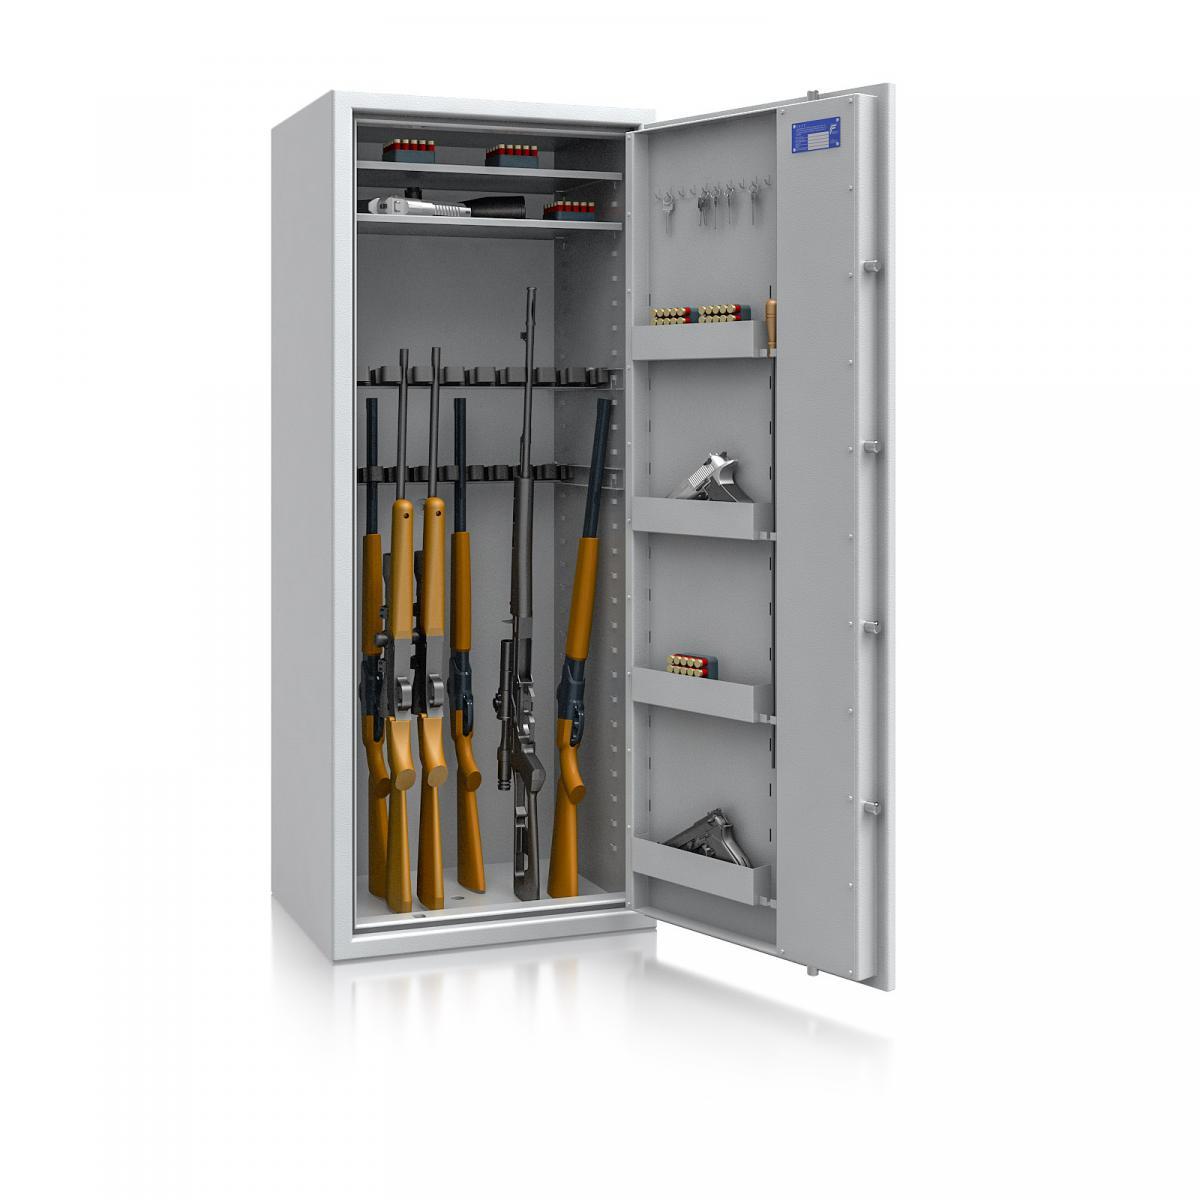 Waffenschrank Luzern WF MAX 4 - 1600x655x500 / 232kg 55634 / Klasse 0 / RAL7035 / Schlüssel / DIN R / ohne Trennw.